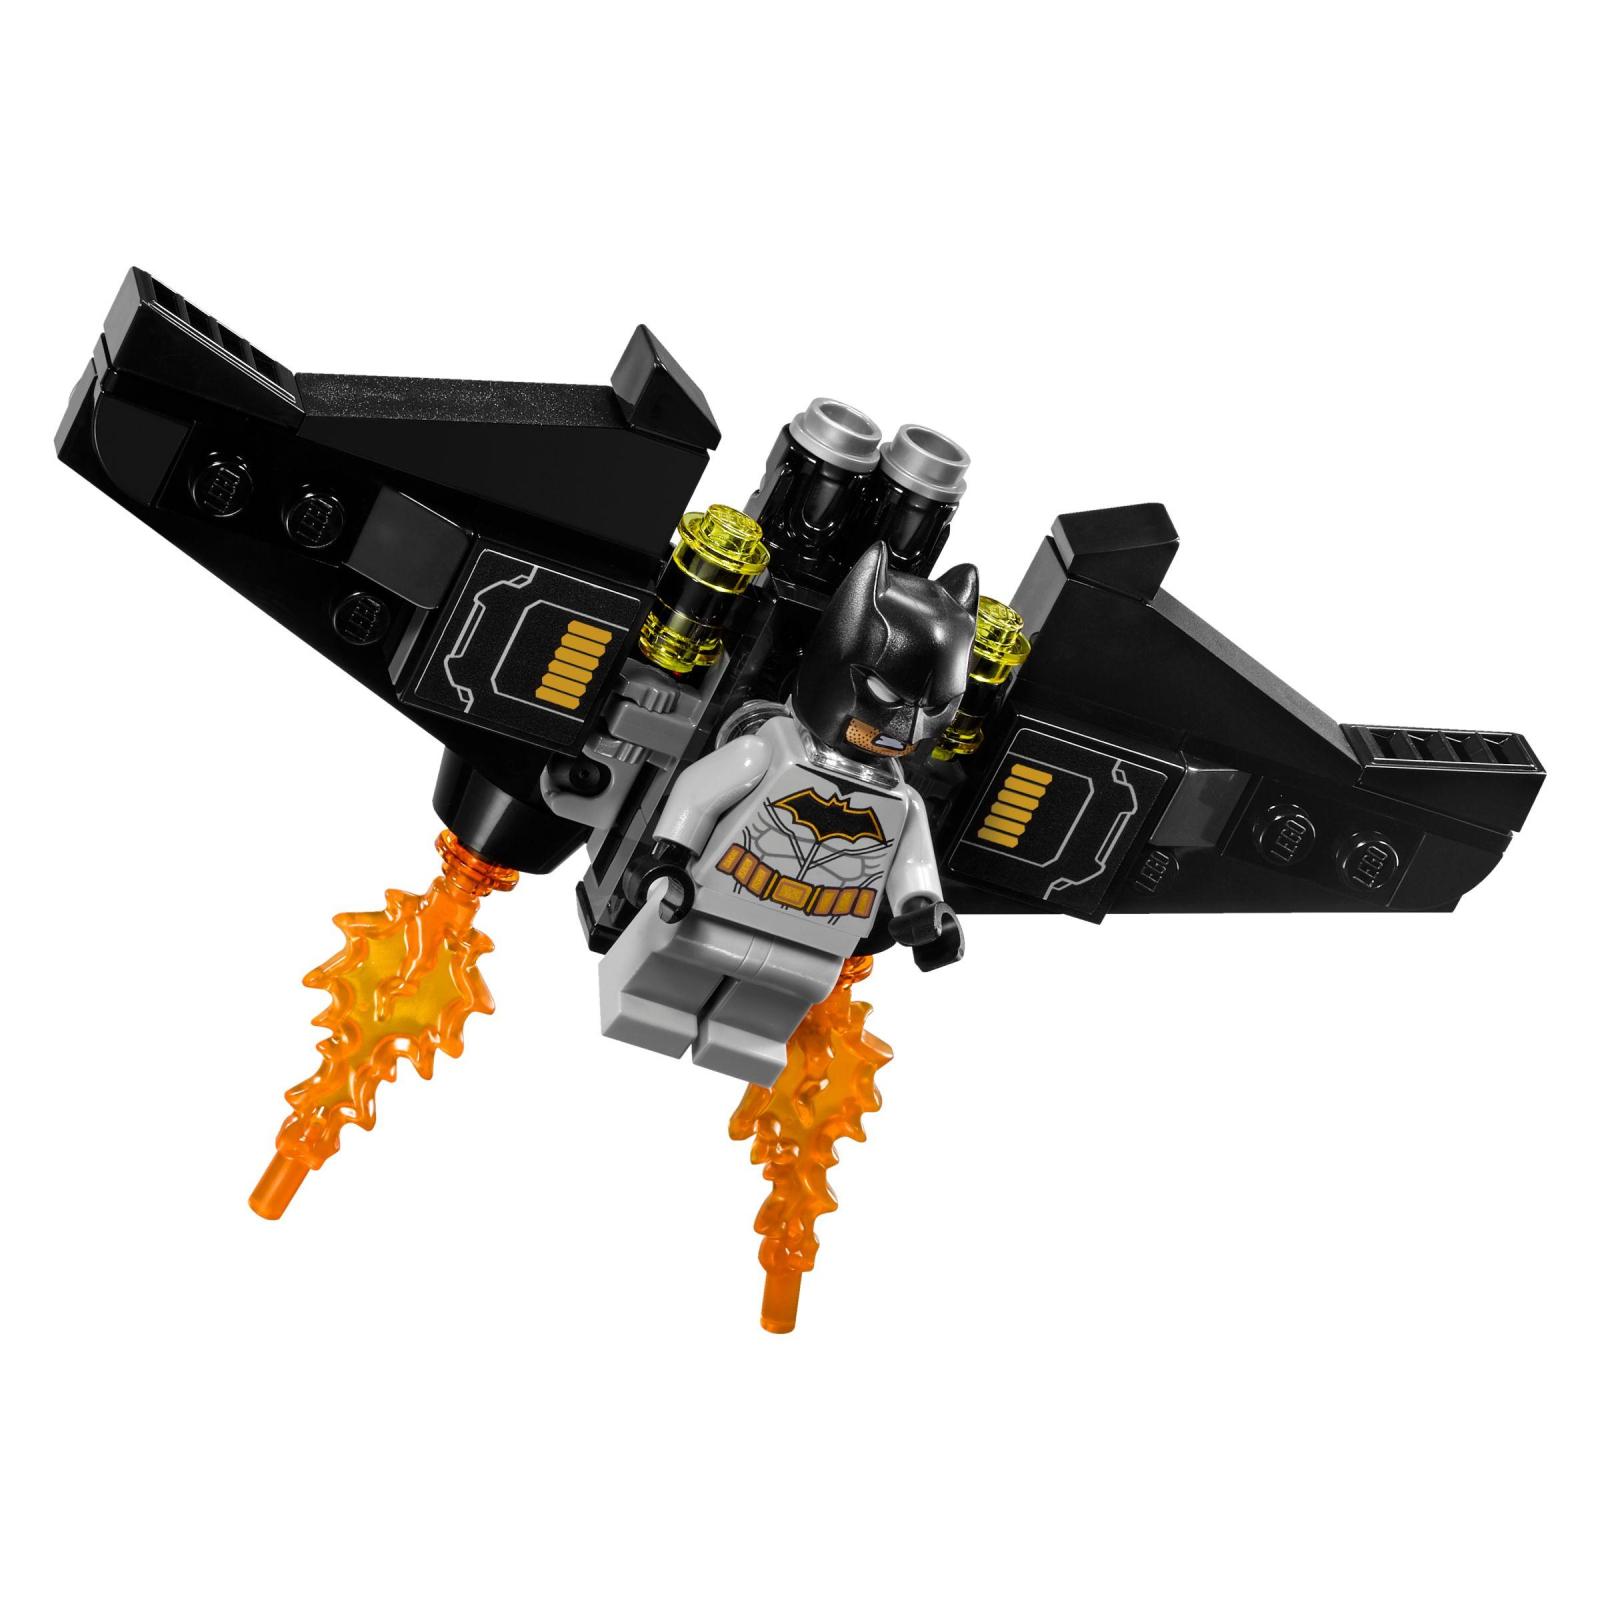 Конструктор LEGO Super Heroes Робоштурм Лекс Лютор (76097) изображение 4